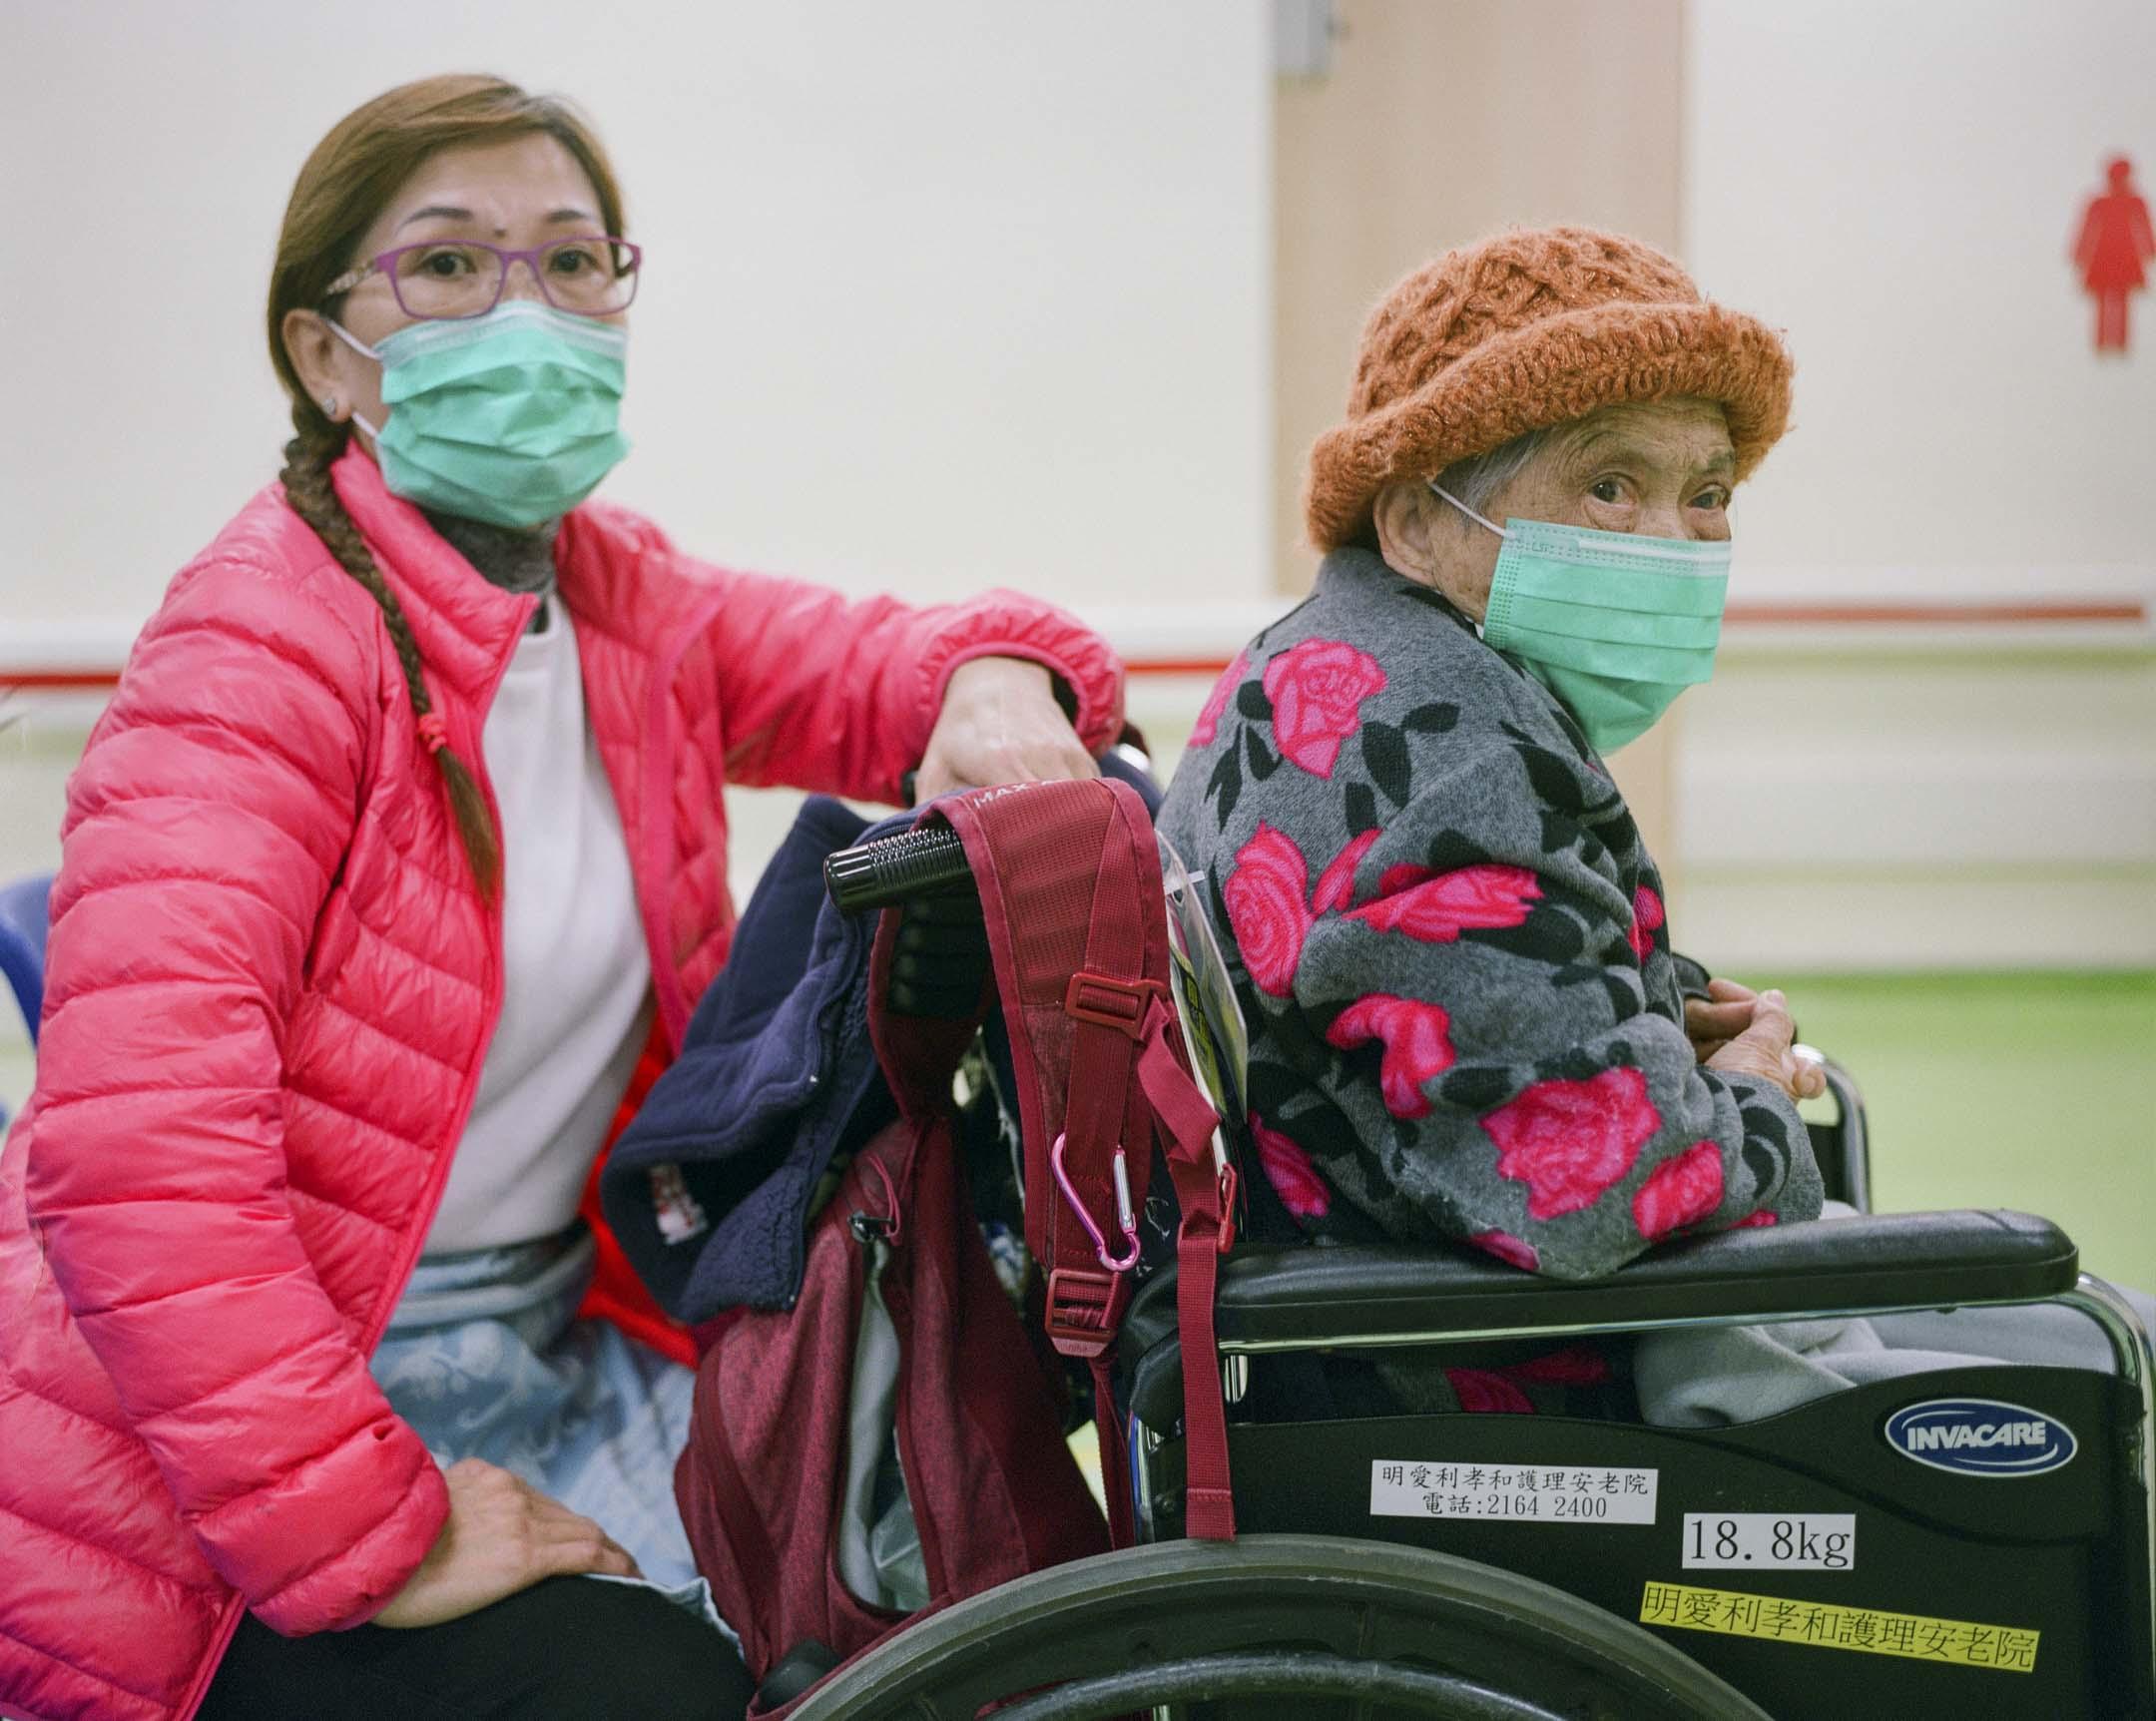 52歲的麥美𡖖陪著輪椅上91歲的陳婆婆,年輕時候的陳婆婆開朗活躍,退休後做義工,不時來威爾斯醫院義務探望病人,不少醫生和護士都認識她。後來患上各樣疾病,開始不能走路了,幾年前被家人送進了安老院。這天,麥美𡖖陪著老人,來眼科複診。 攝:林振東/端傳媒